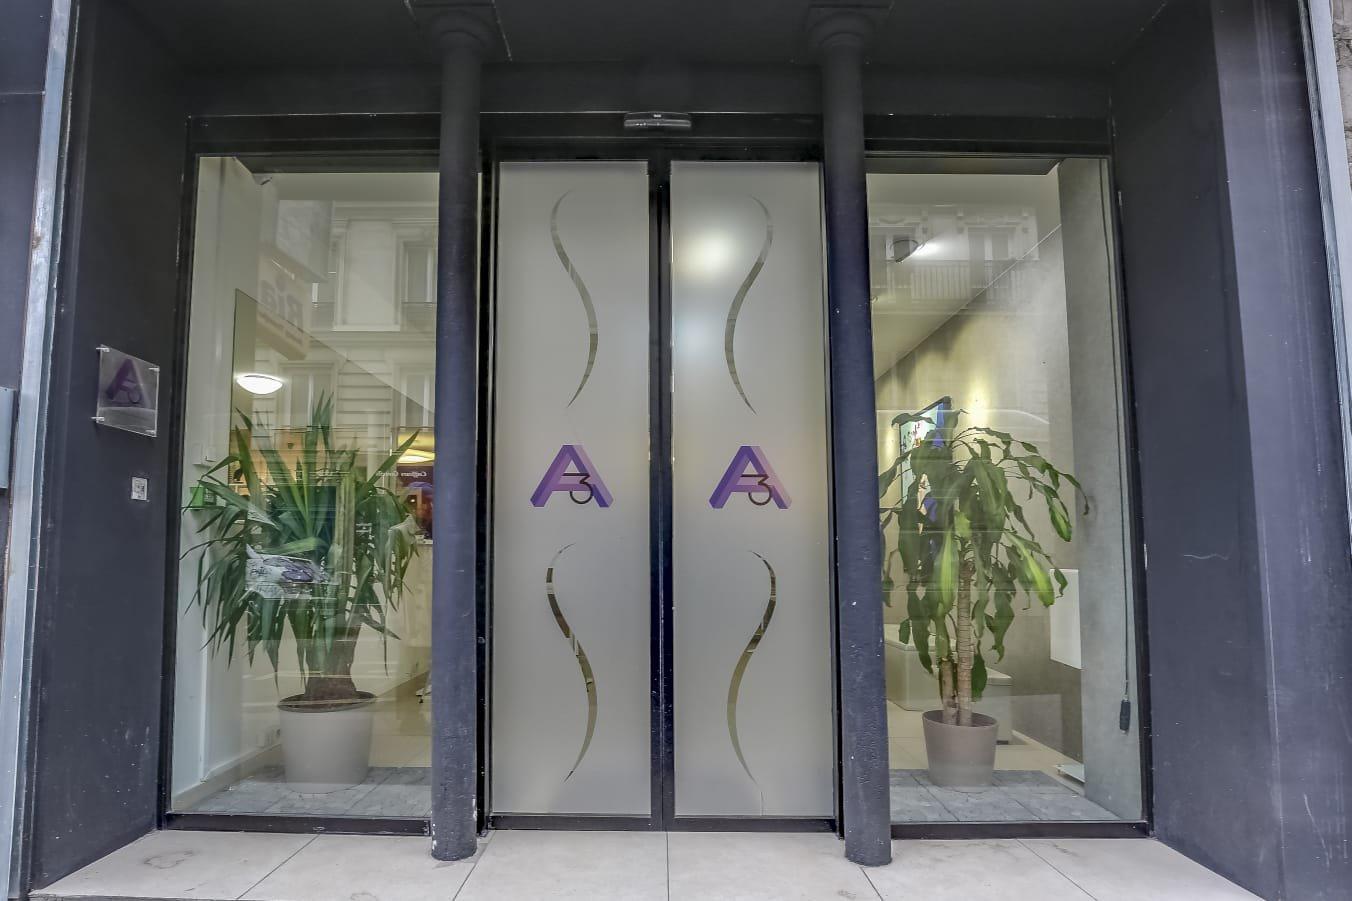 Murs de boutique a vendre Paris 10ème